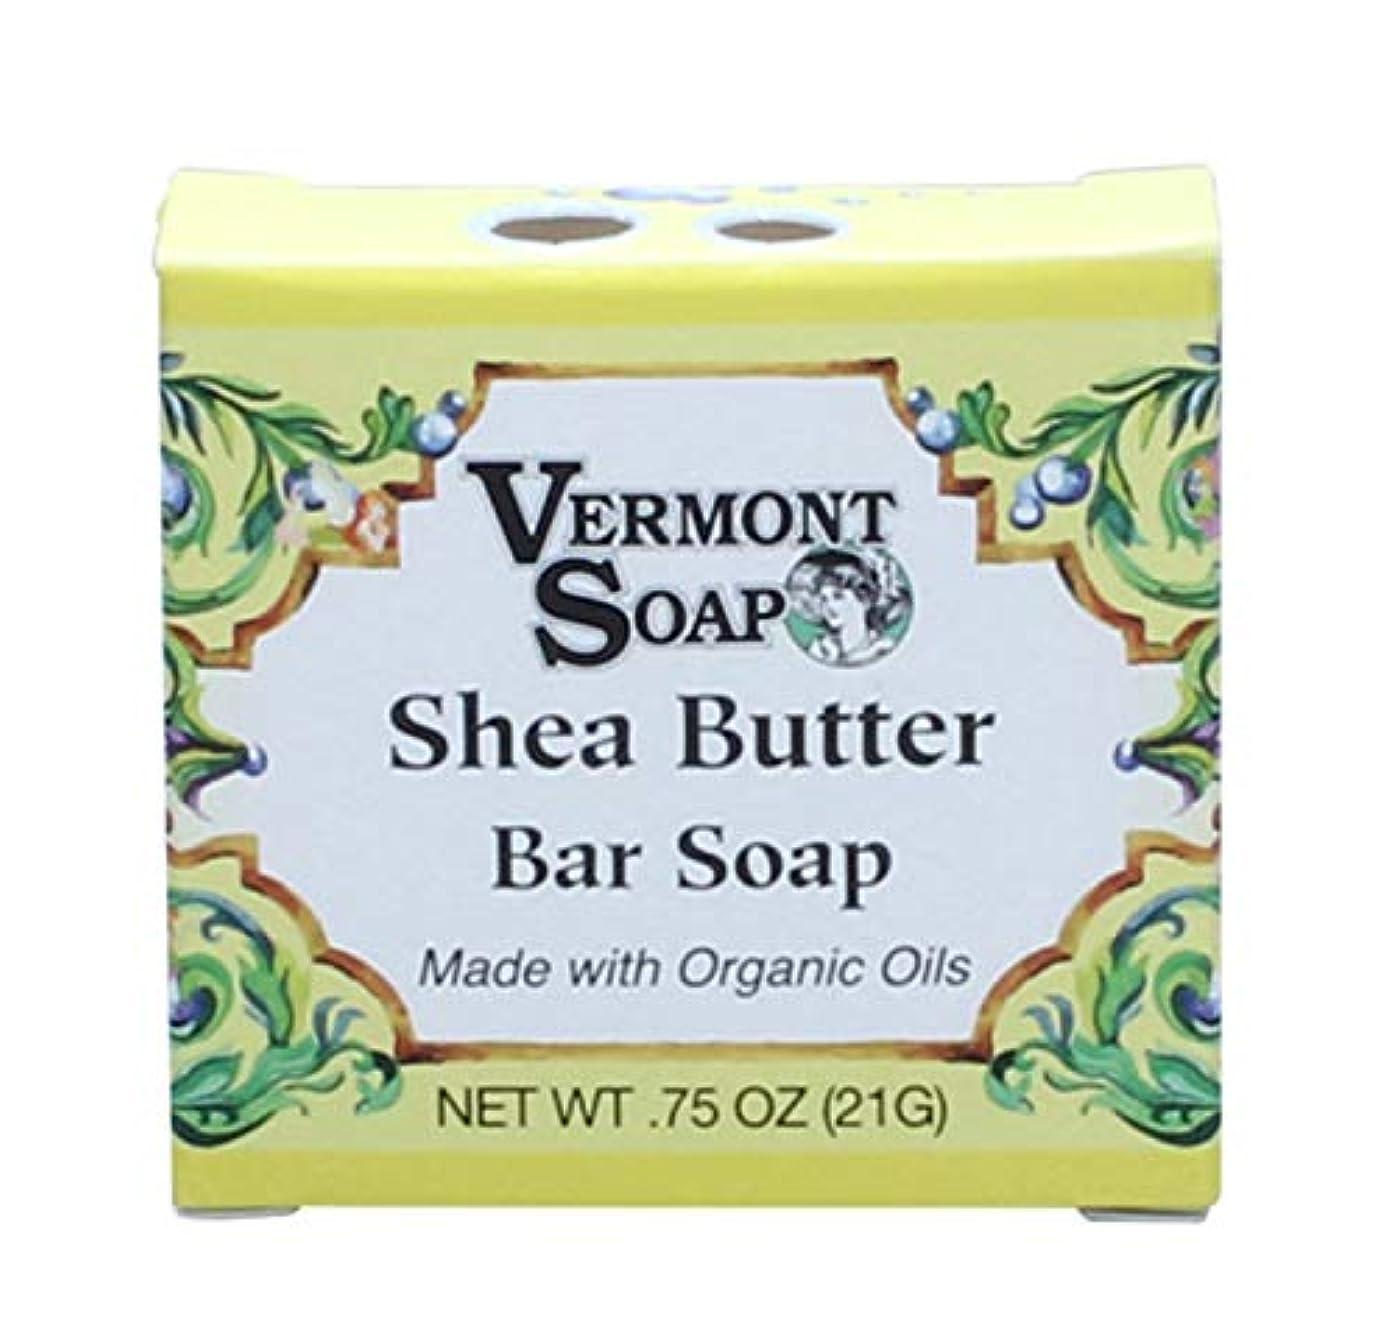 原理動的パラメータバーモントソープ トラベルサイズ (シアバター) オーガニック石鹸 洗顔 21g